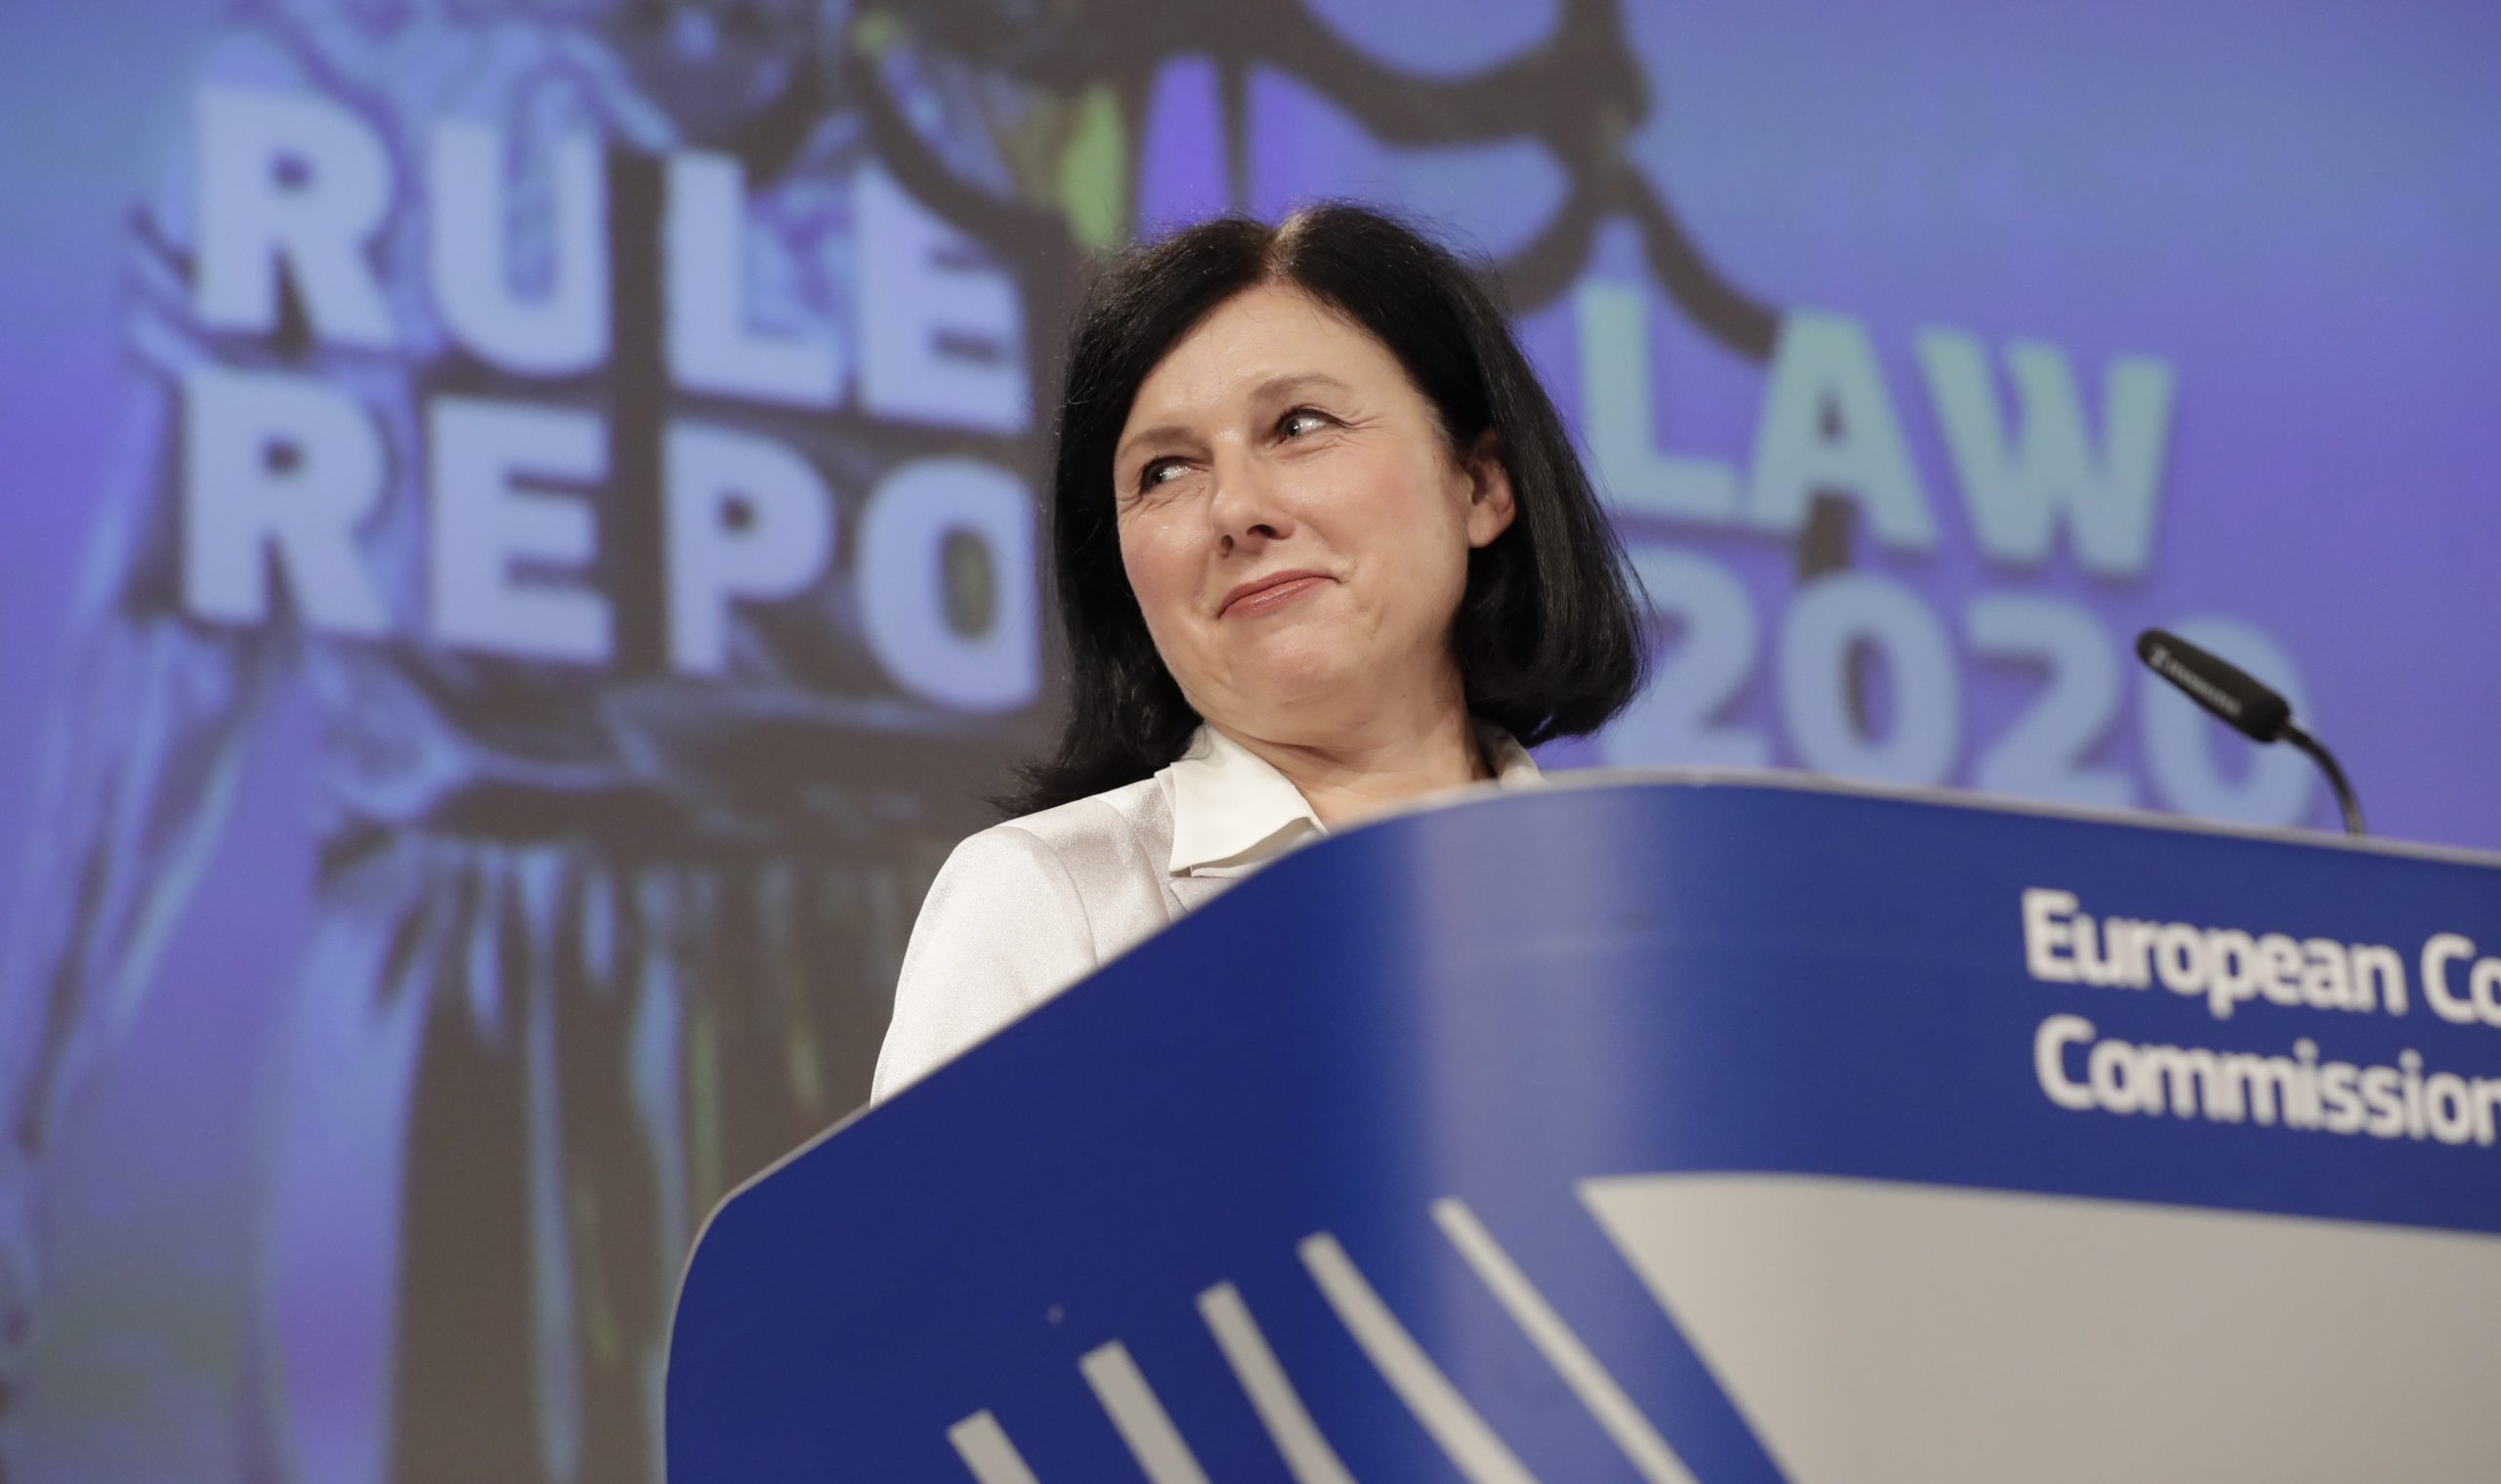 Uproar Follows EC's Rejection of Minority Safepack Initiative